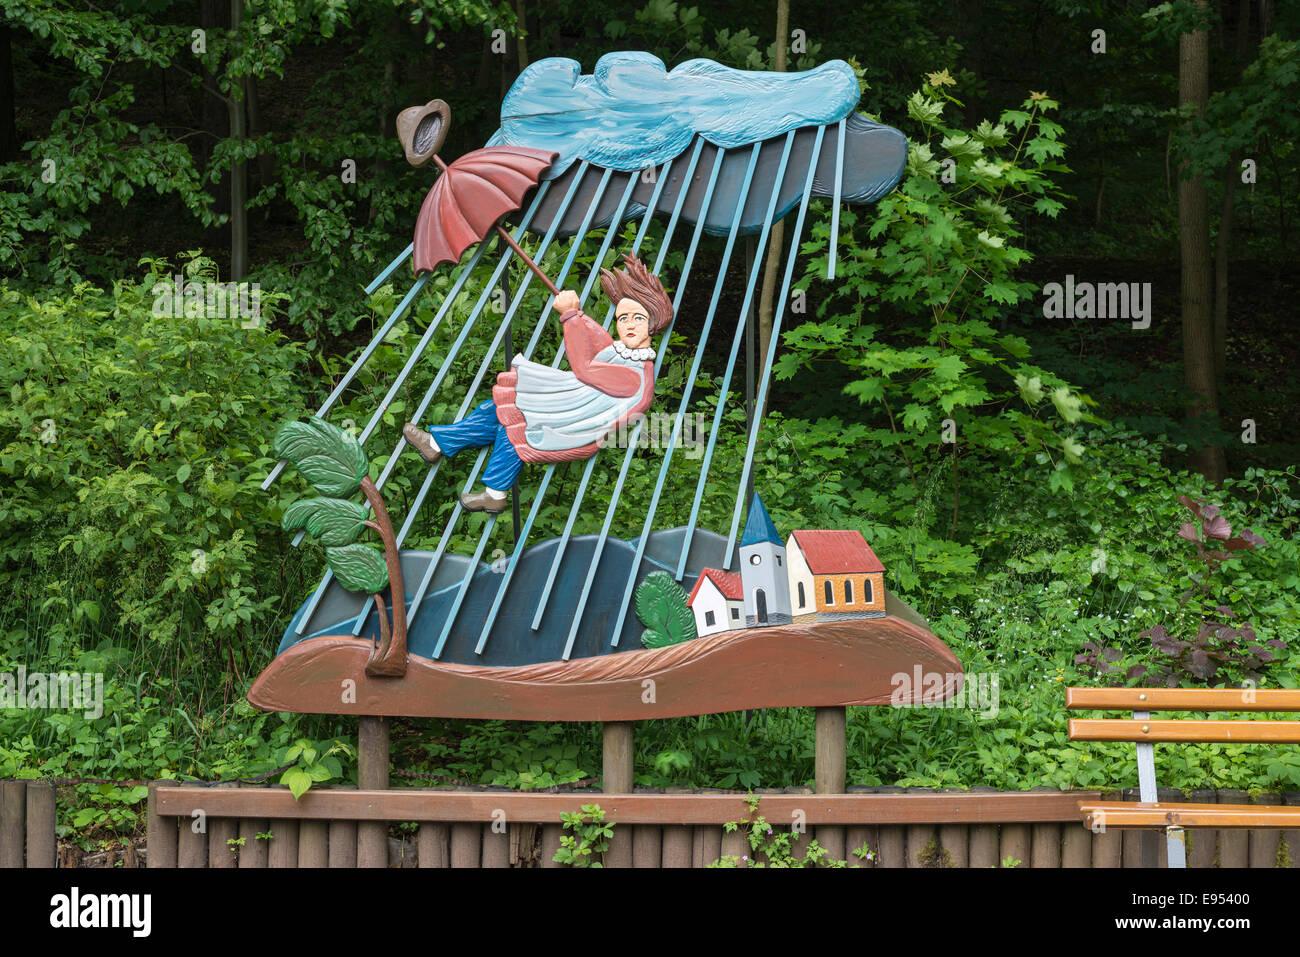 """Figur aus """"The History of der fliegende Robert"""", aus dem Kinderbuch """"Struwwelpeter"""" von Heinrich Stockbild"""